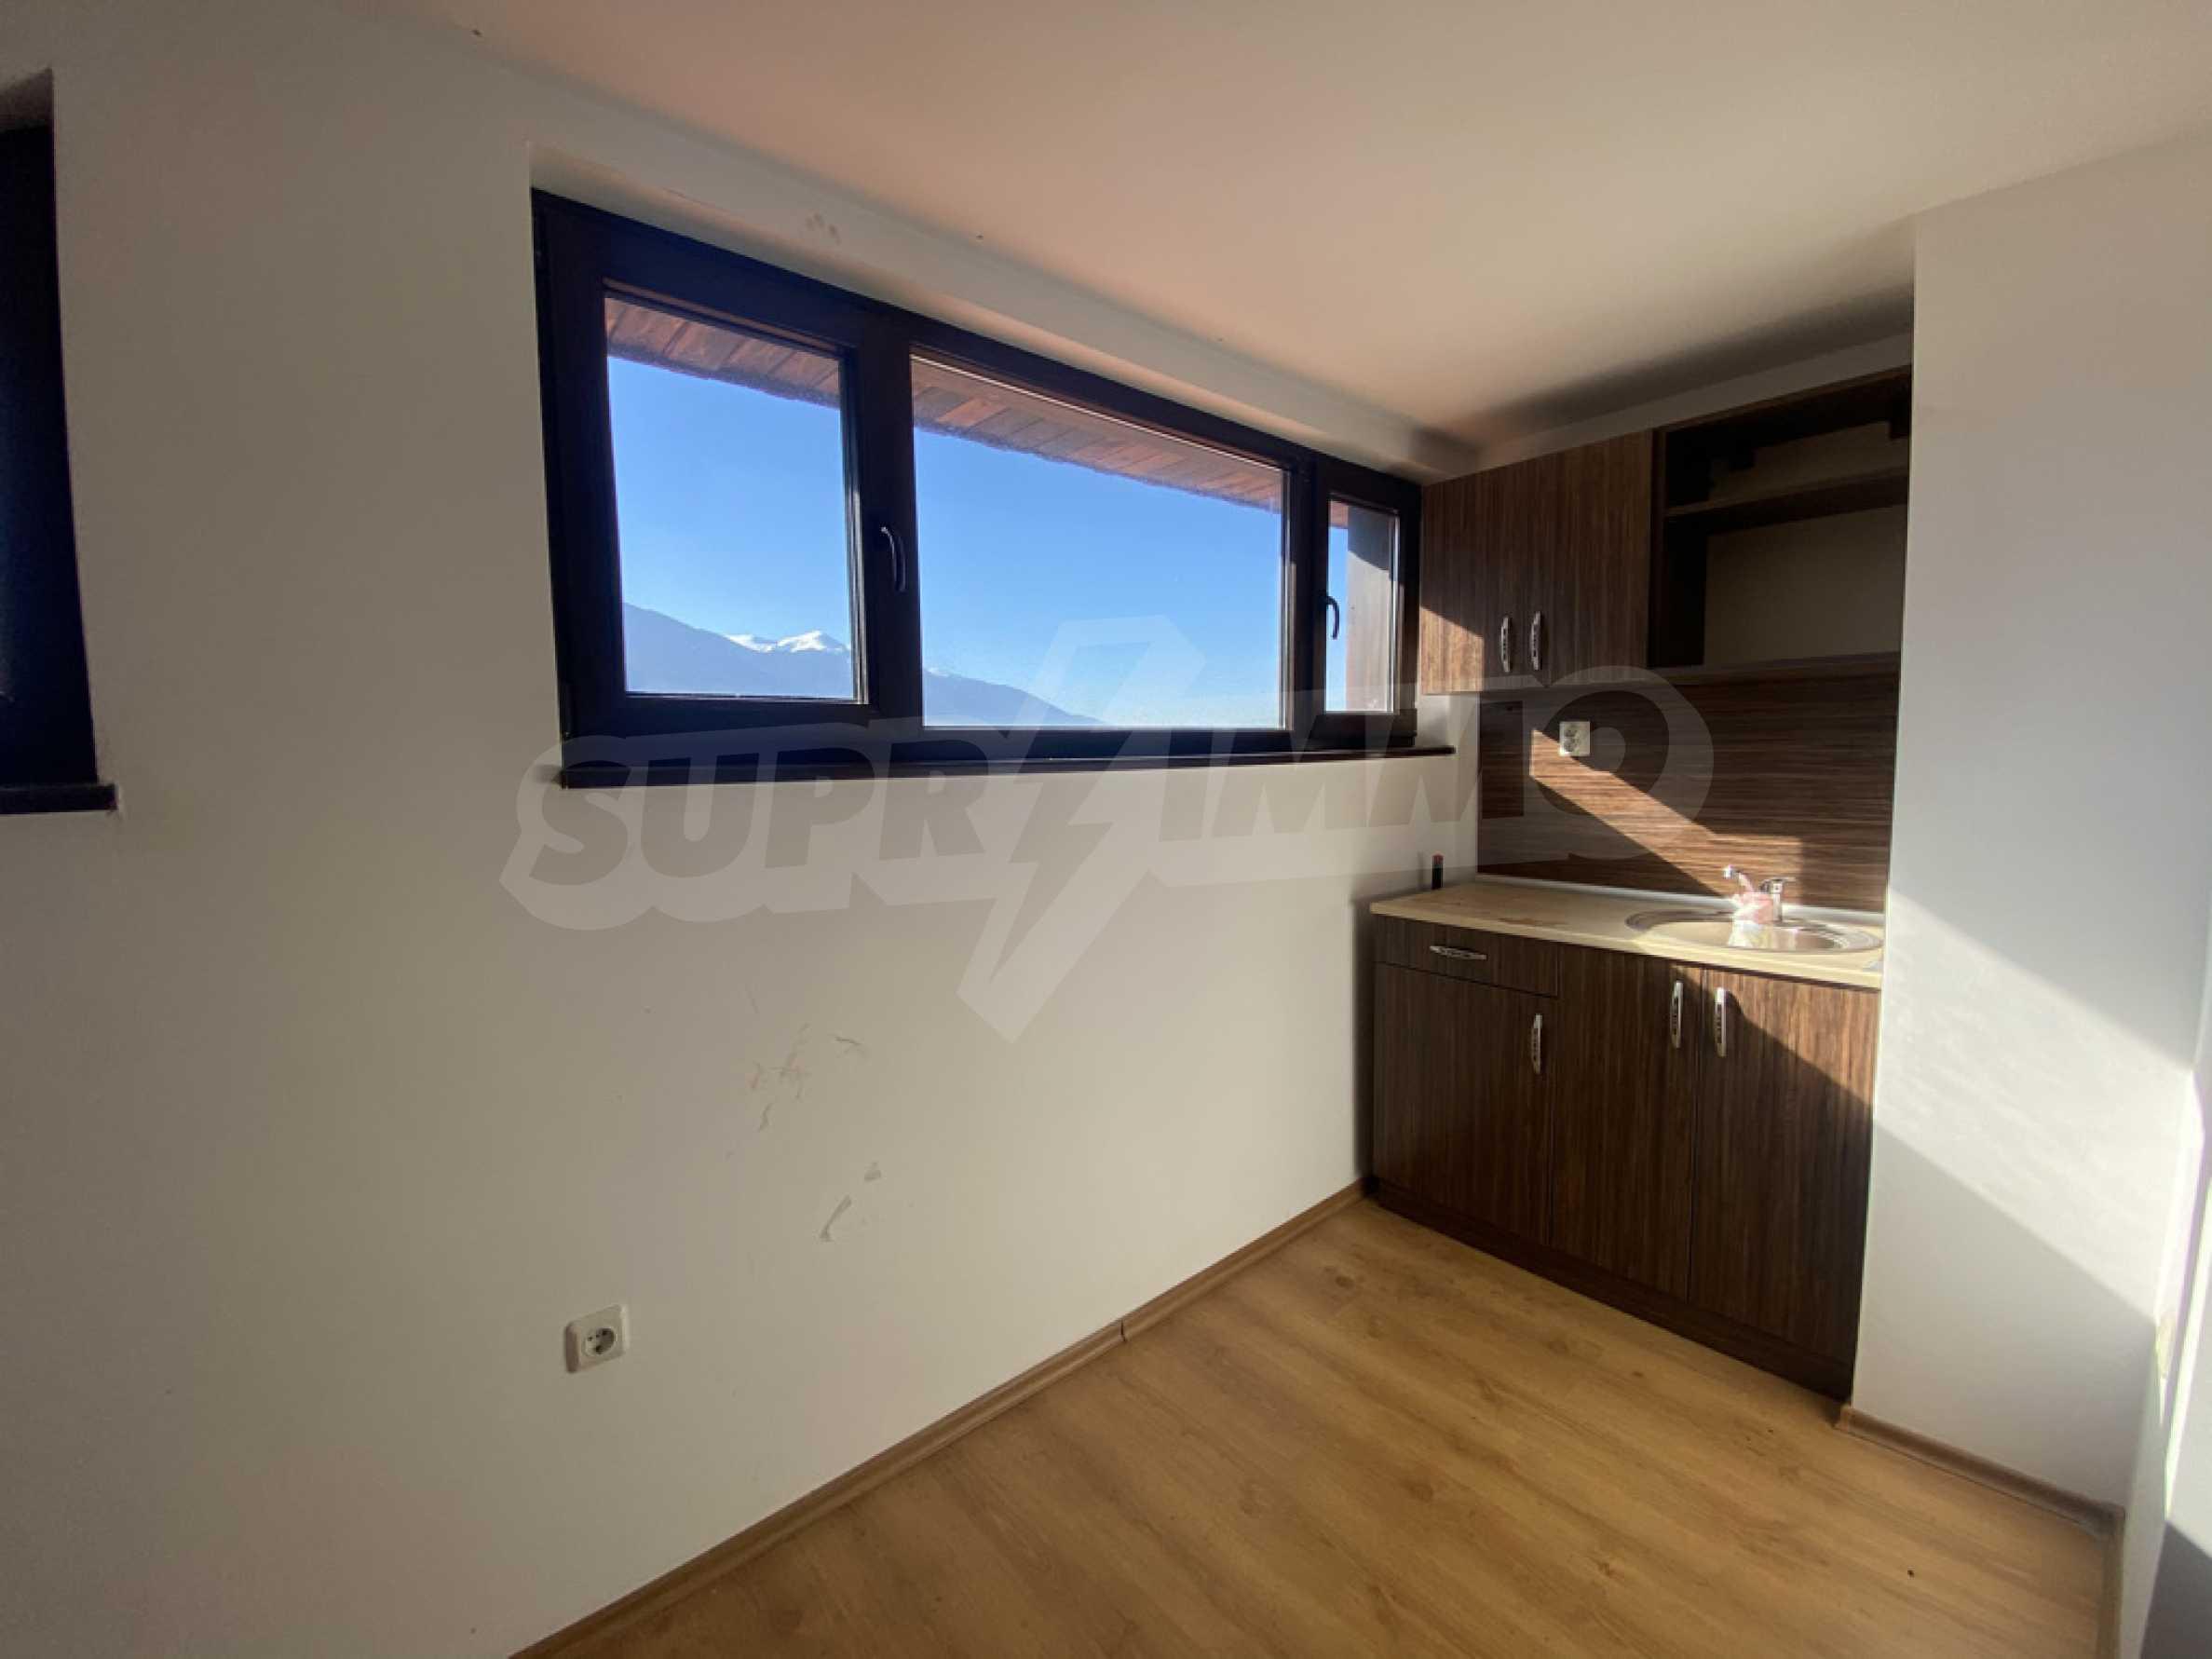 Необзаведен едностаен апартамент за продажба в СПА комплекс в Банско 3